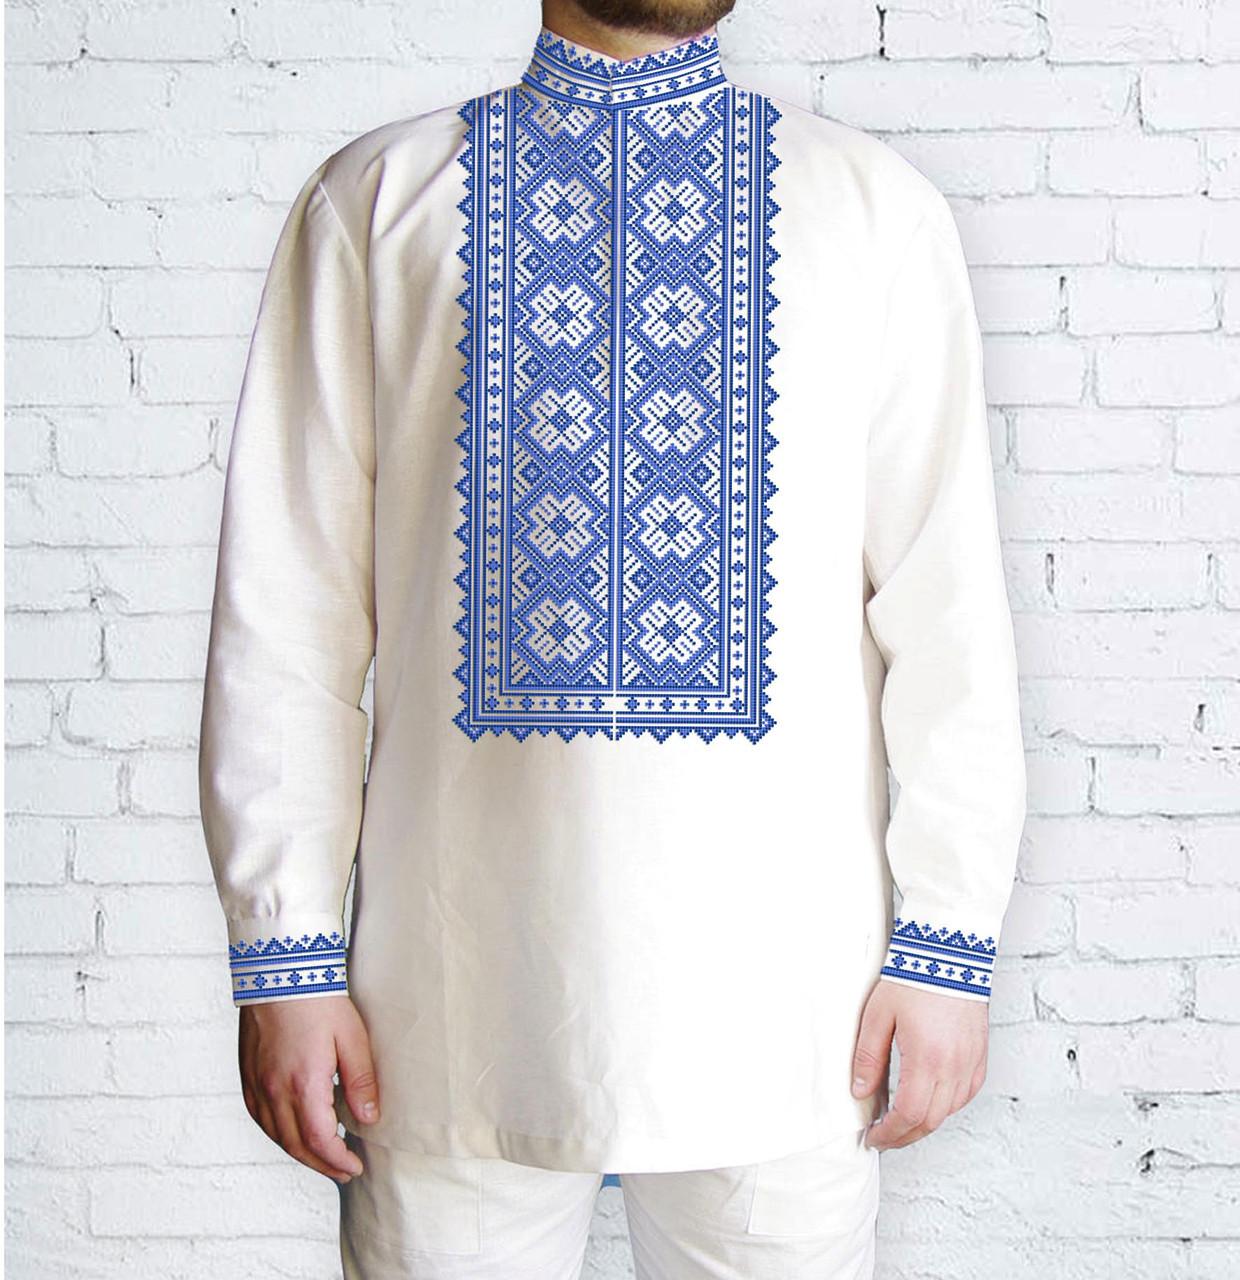 Заготовка мужской рубашки / вышиванки / сорочки для вышивки / вышивания бисером или нитками «Орнамент 525 Г»